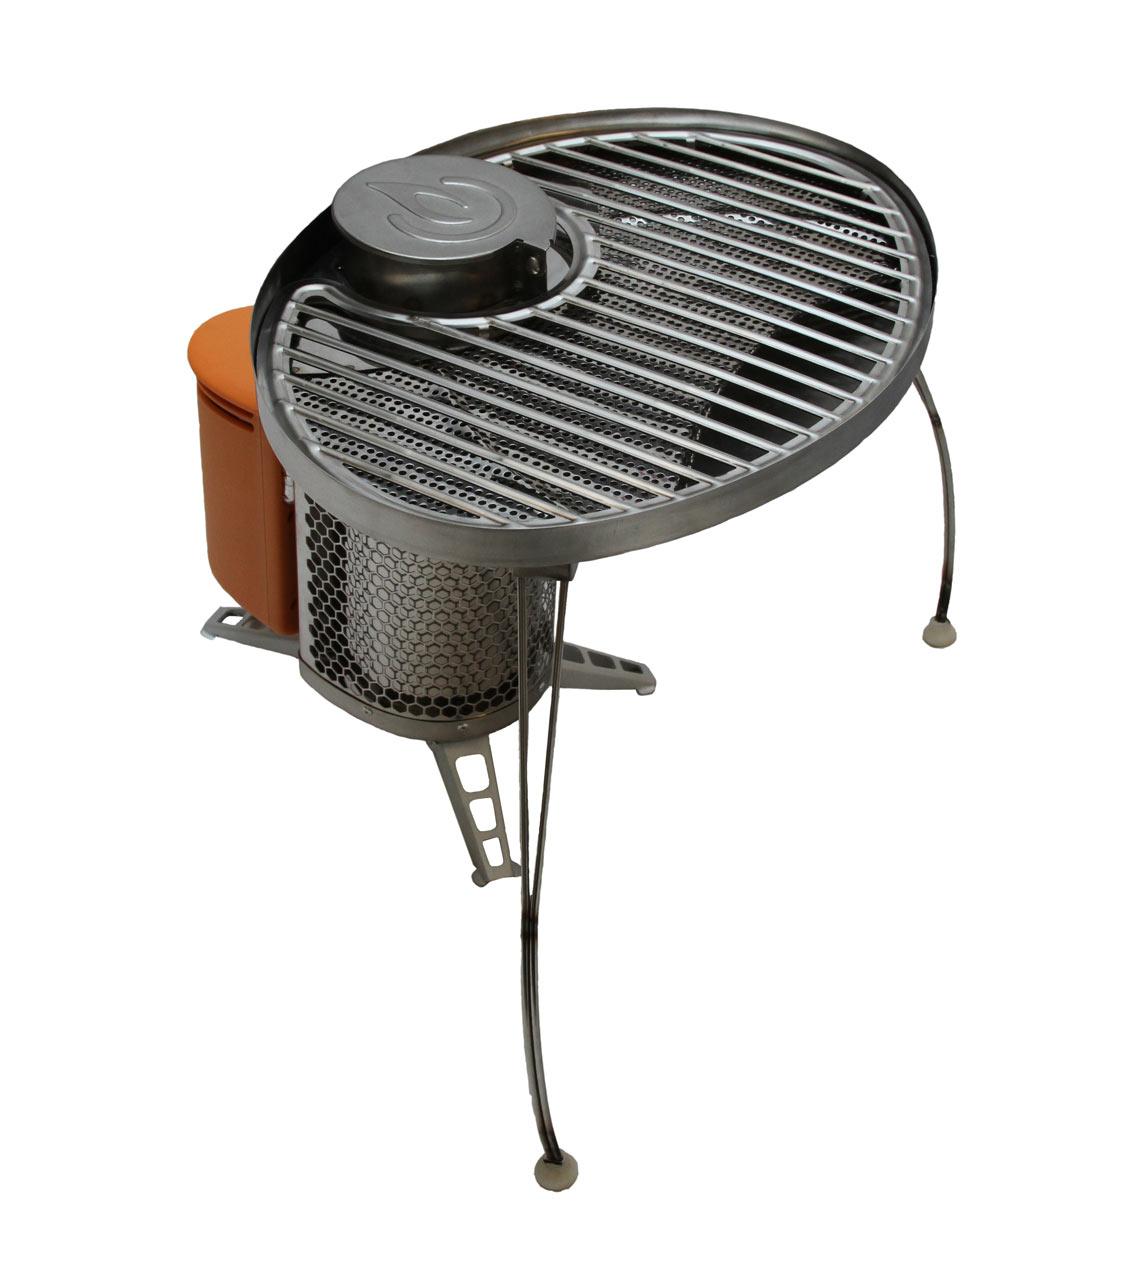 BIOLITE-Portable-Grill-CampStove-2